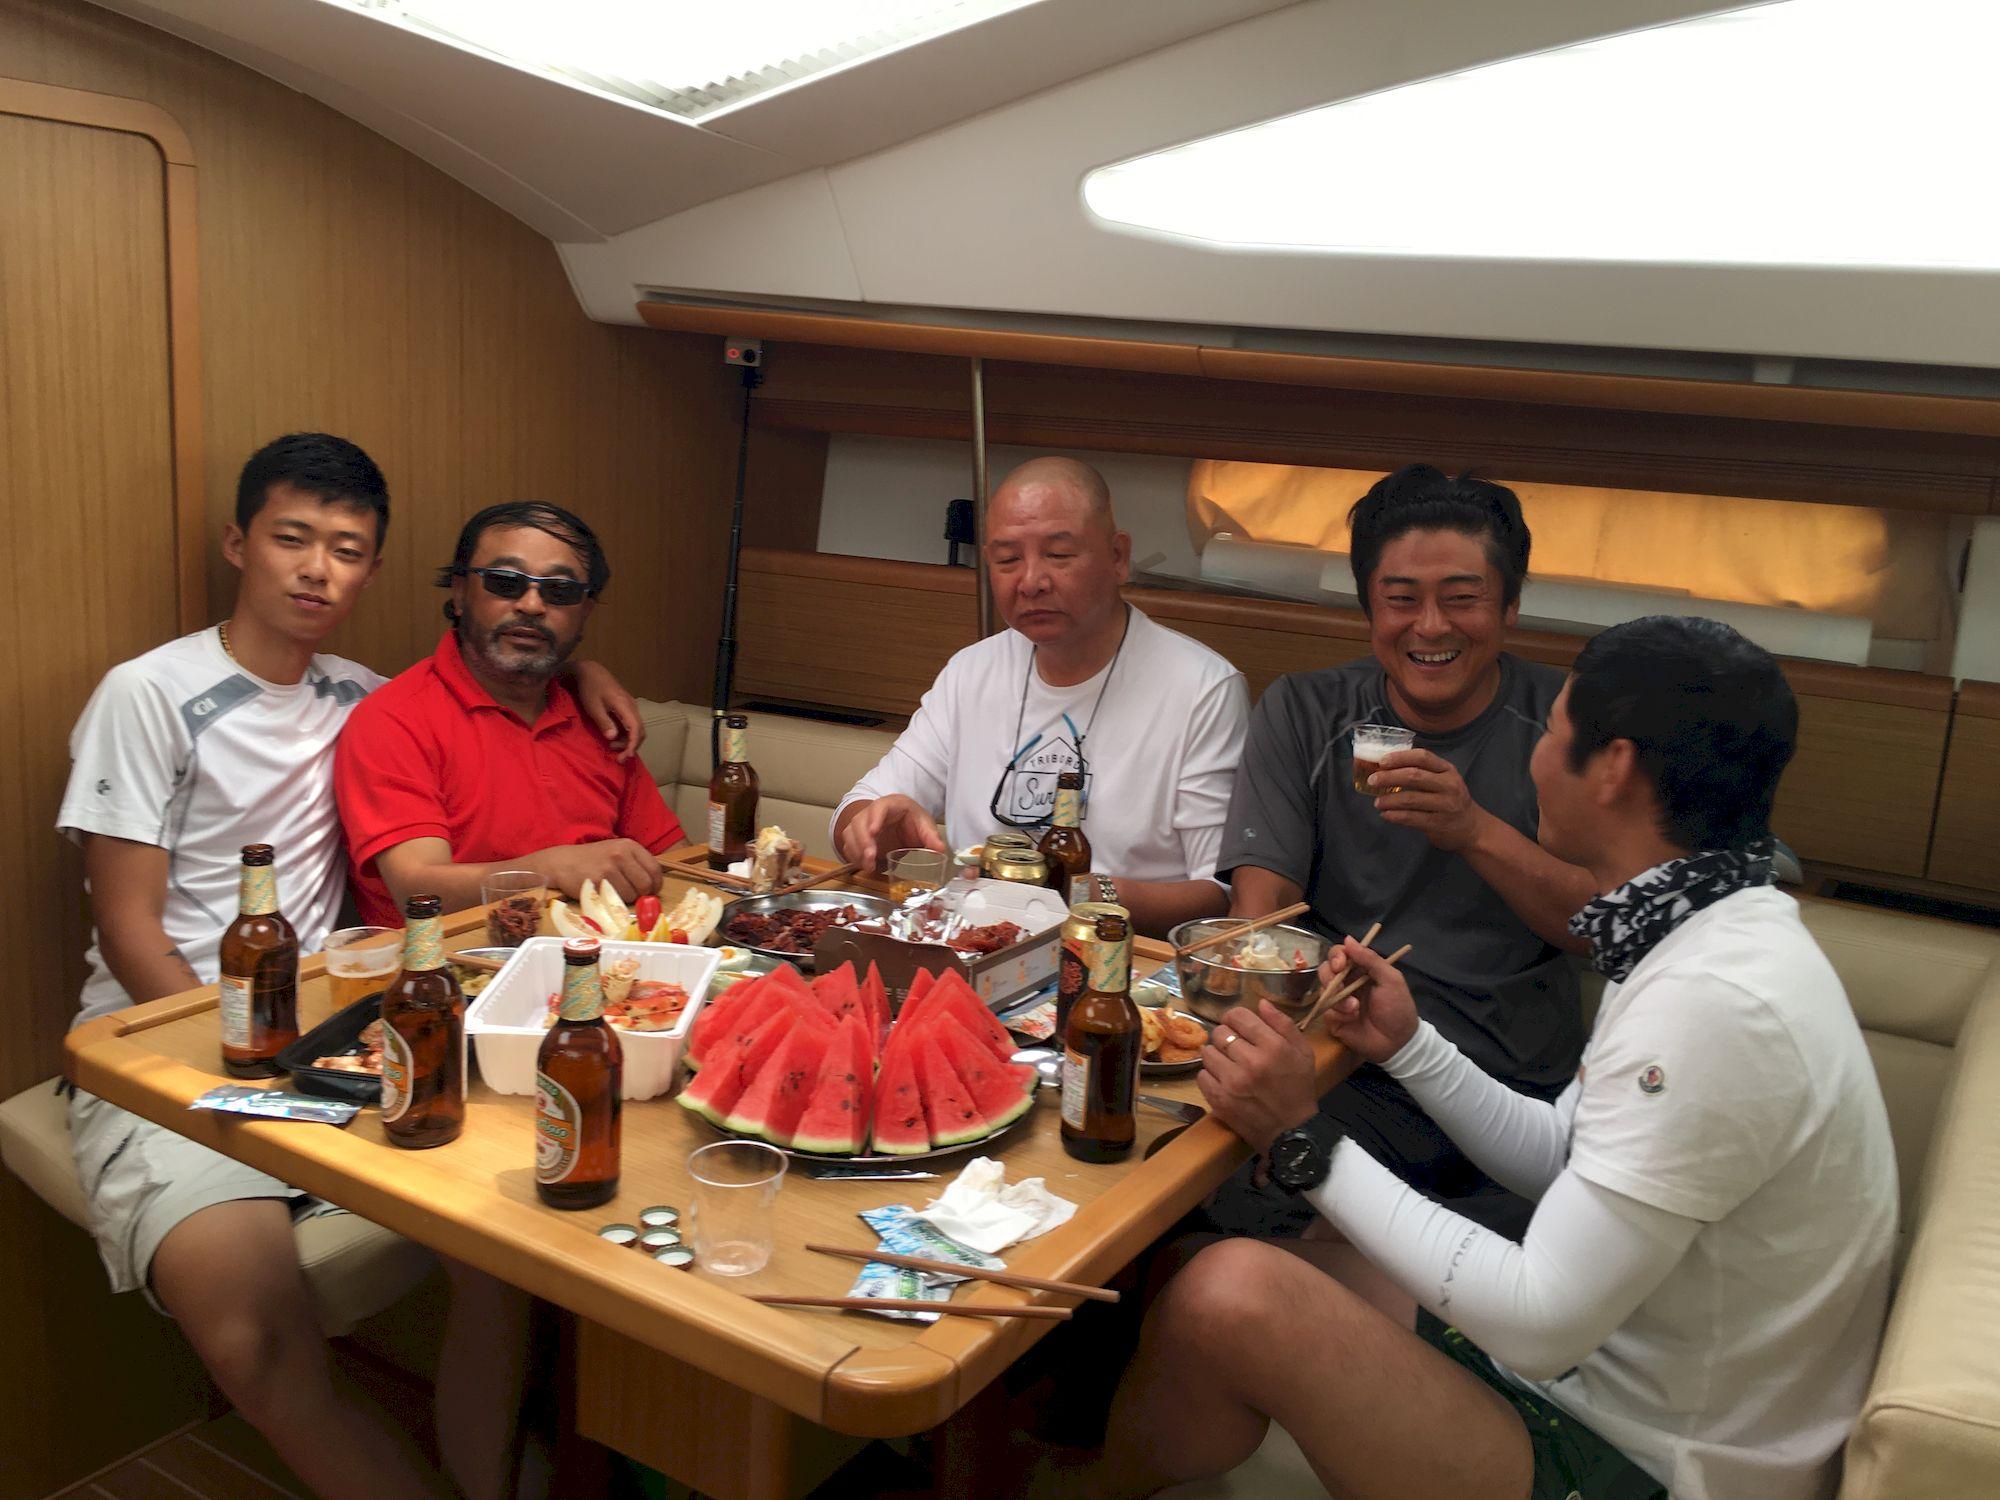 002b-IMG_3365_千帆俱乐部我要航海网帆船队-2016威海-仁川国际帆船赛.JPG